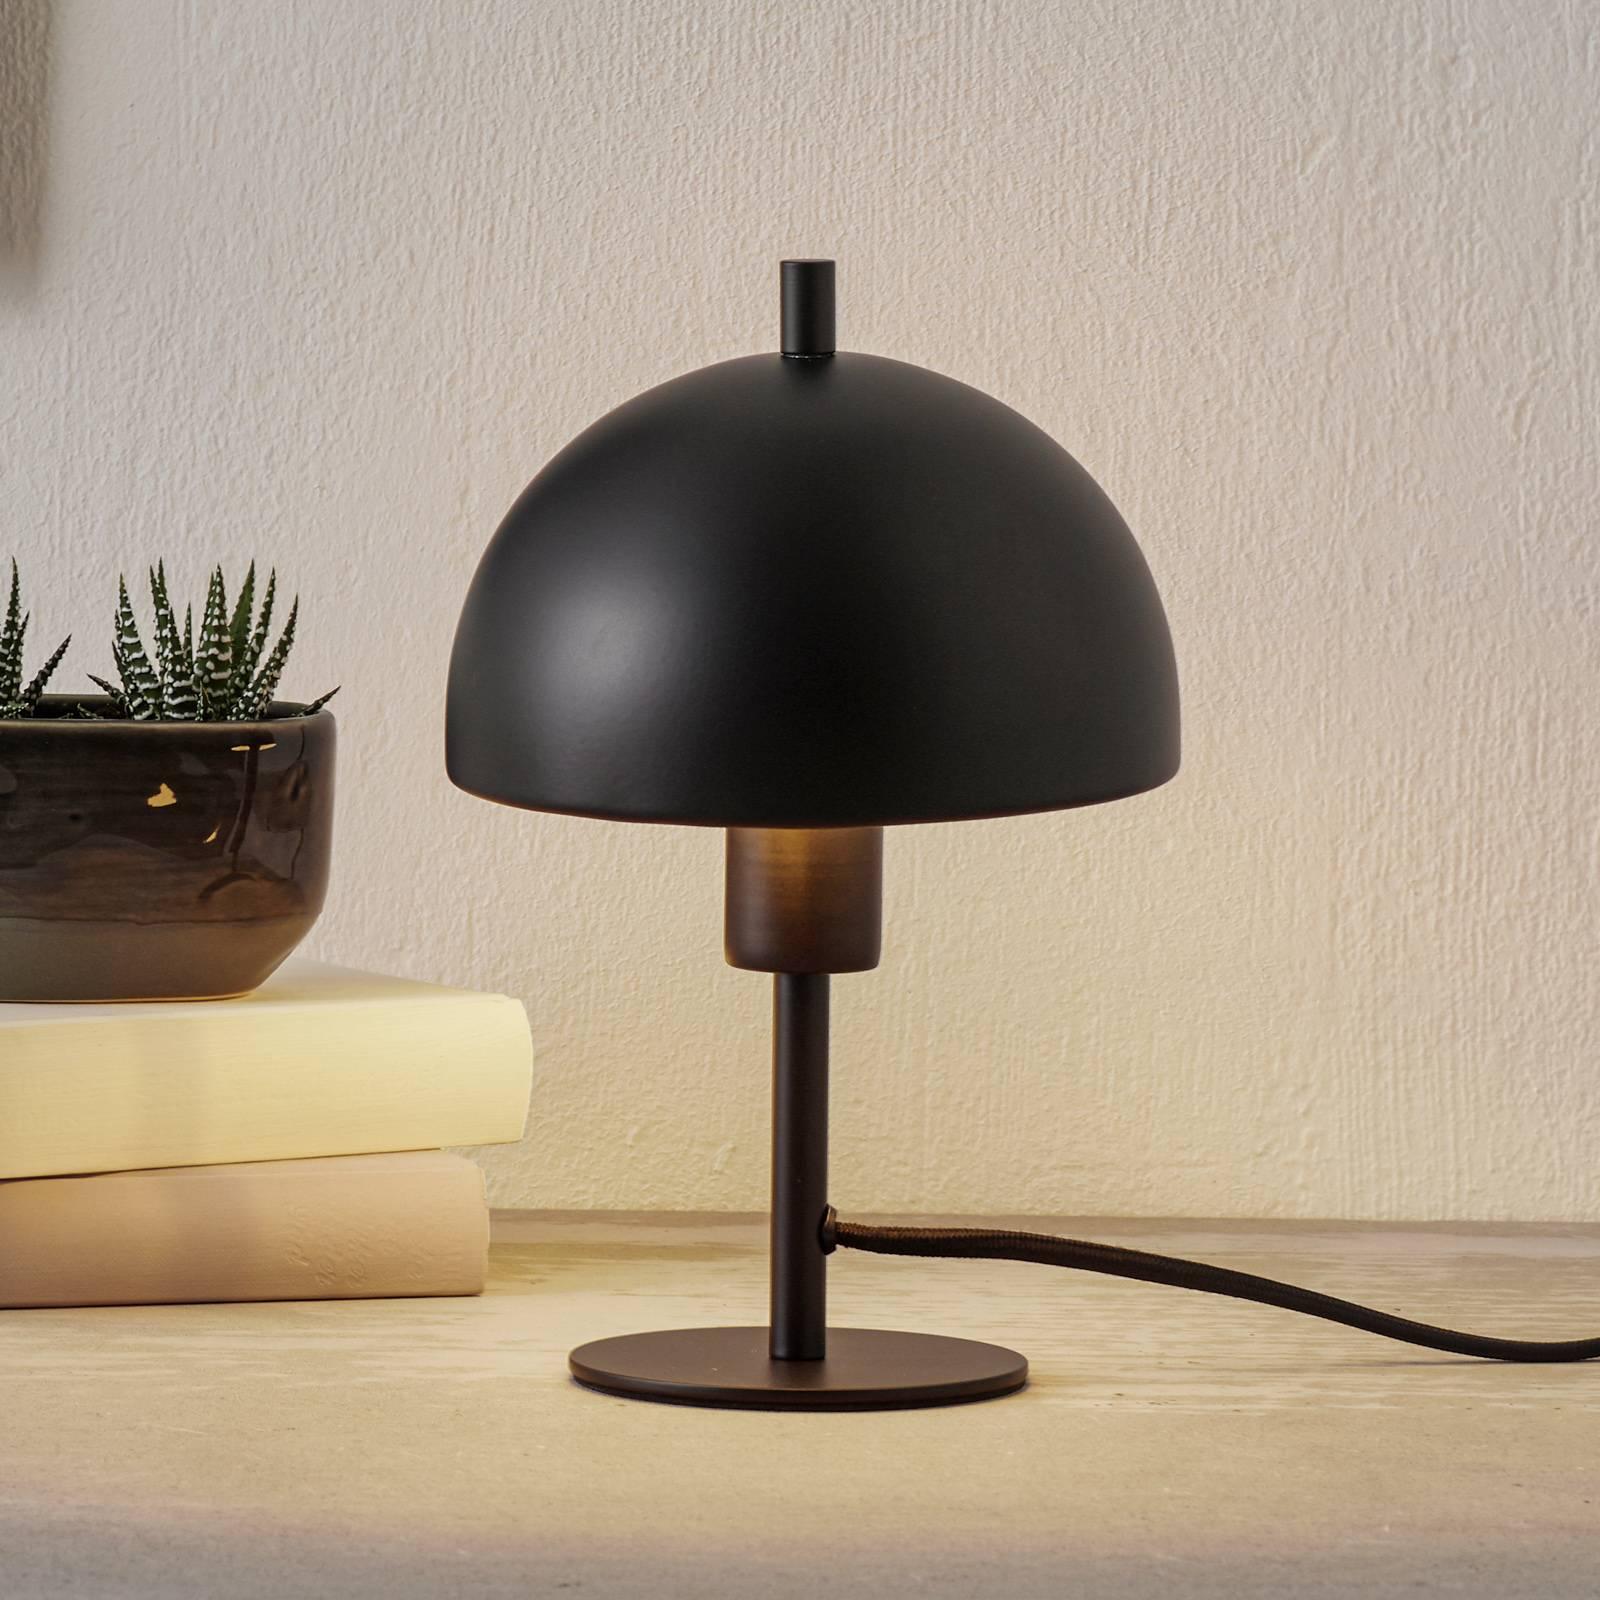 Schöner Wohnen Kia -pöytälamppu, musta, 24 cm